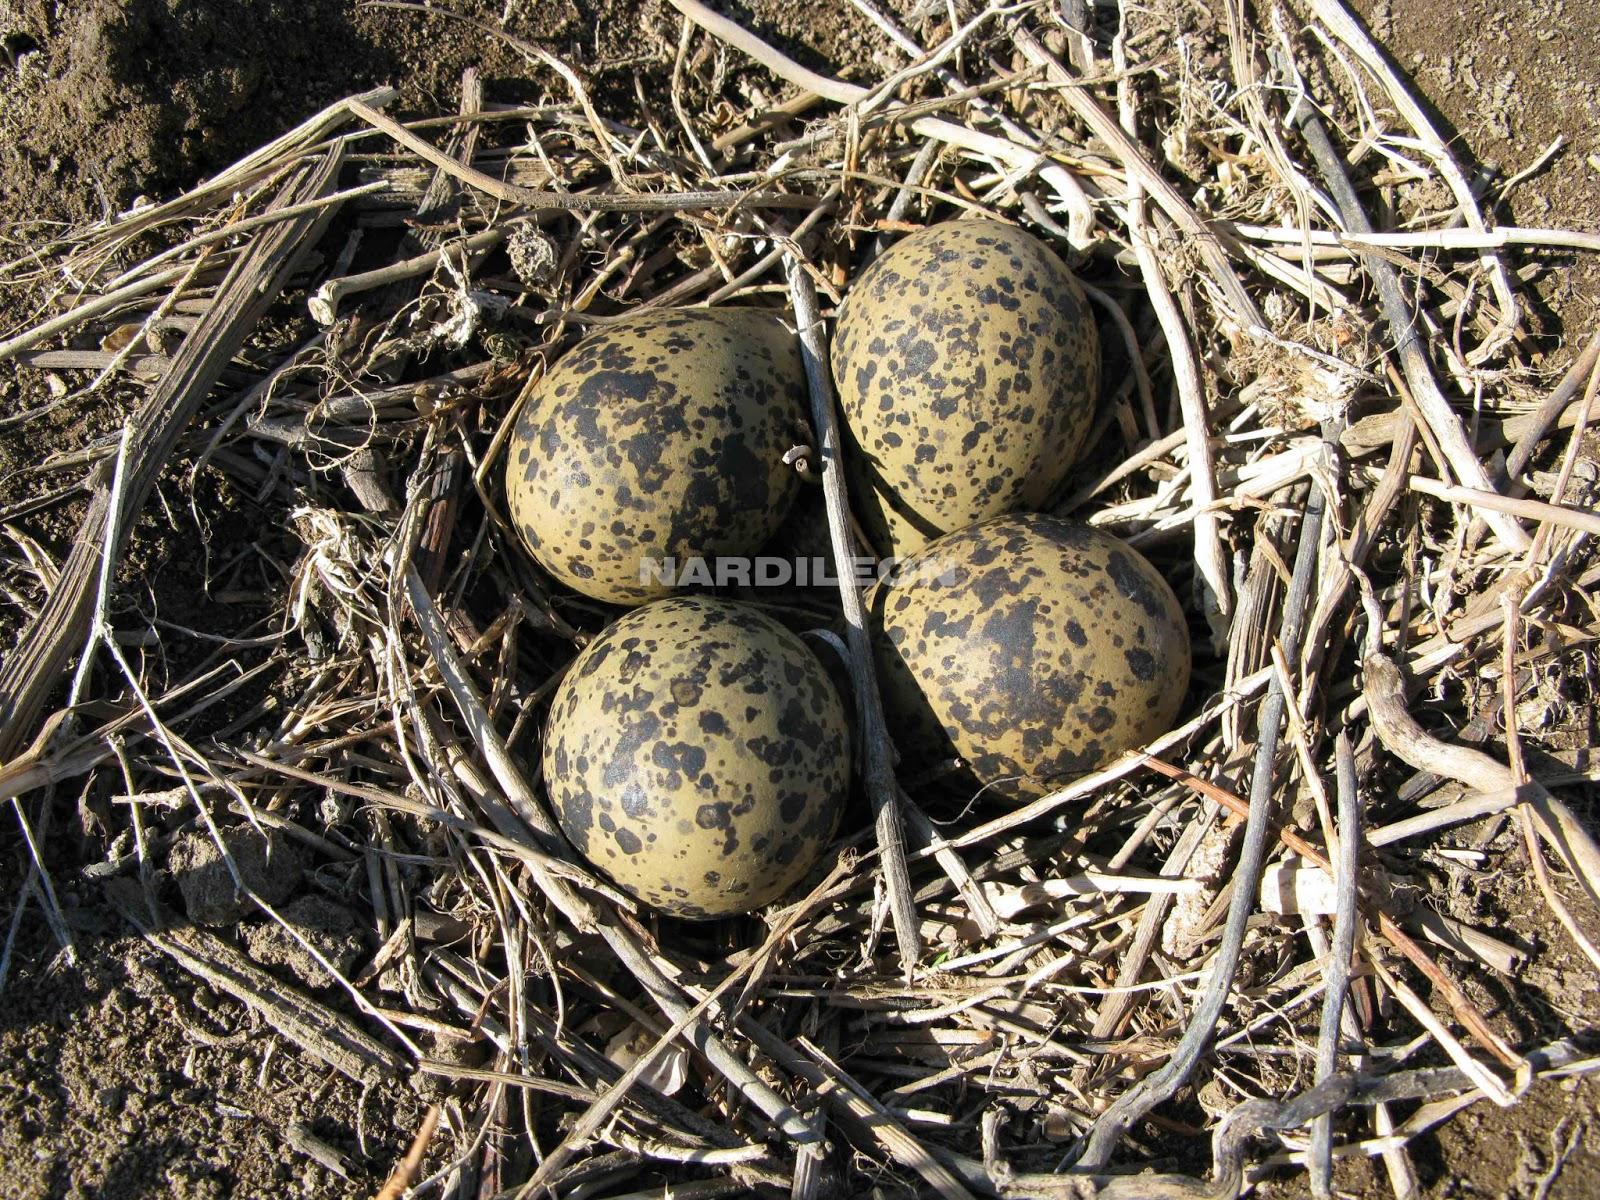 Nardileon a qu se debe el color de los huevos for Con que se limpia el marmol blanco